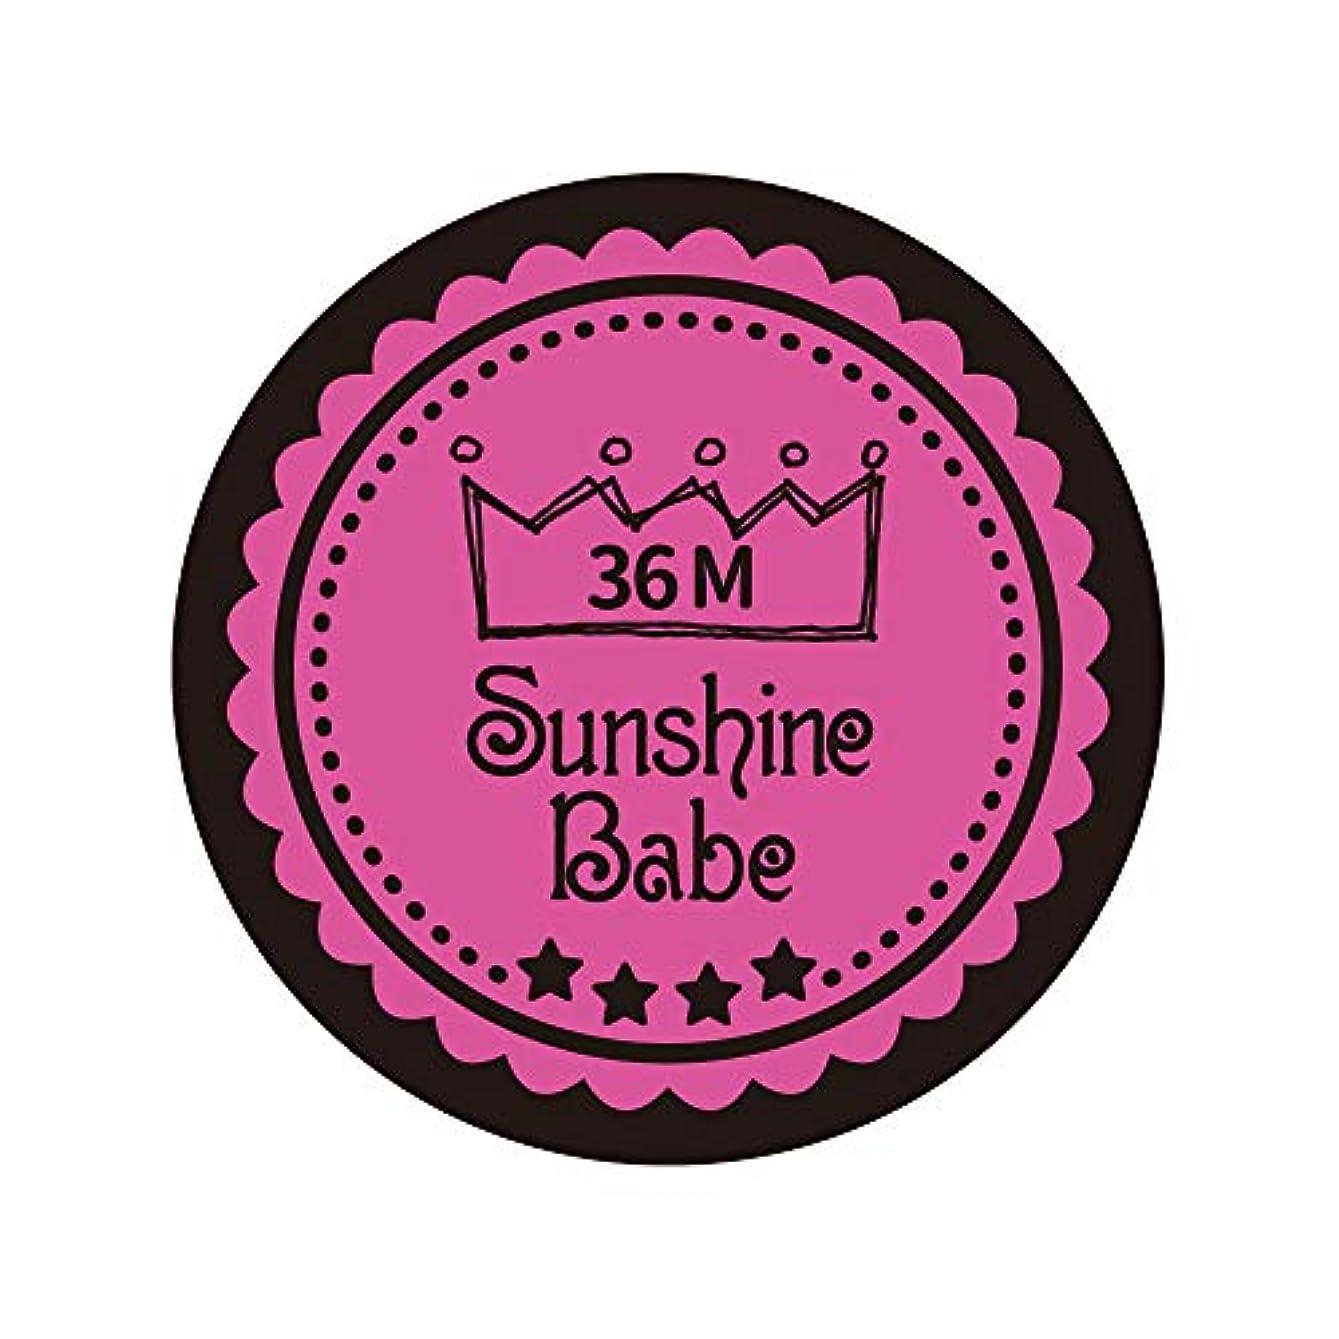 征服者楽しむ豊富なSunshine Babe カラージェル 36M クロッカスピンク 4g UV/LED対応